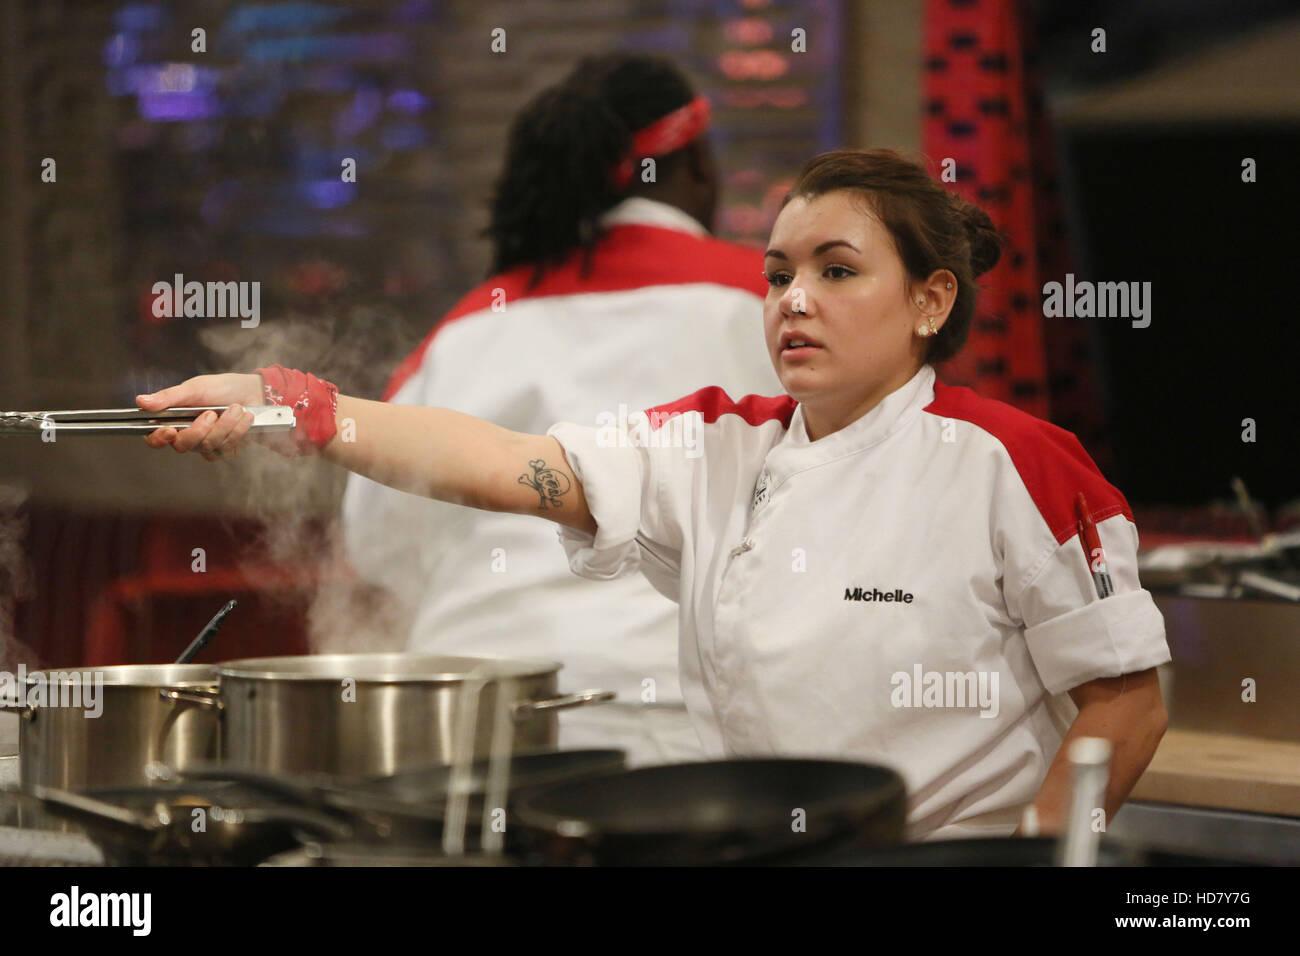 Hells Kitchen Michelle In 17 Chefs Compete Staffel 14 Folge 2 Luftete 10 Marz 2015 Ph Greg Gayne Tm Und Copyright Stockfotografie Alamy